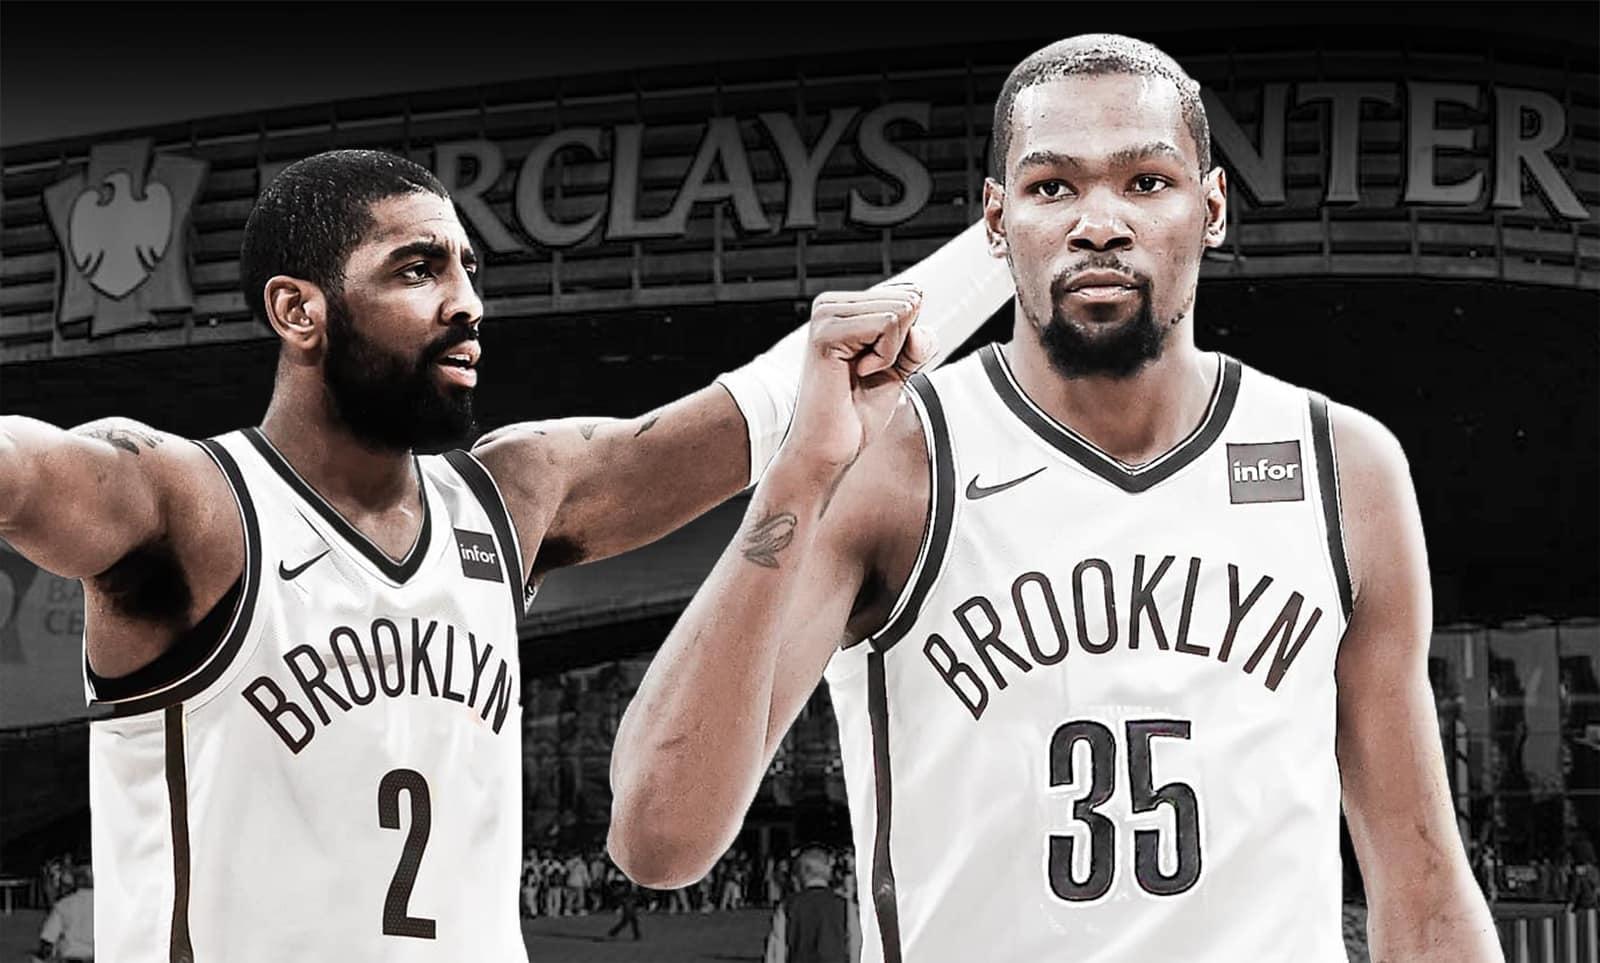 Riusciranno i Brooklyn Nets a diventare una dinastia?